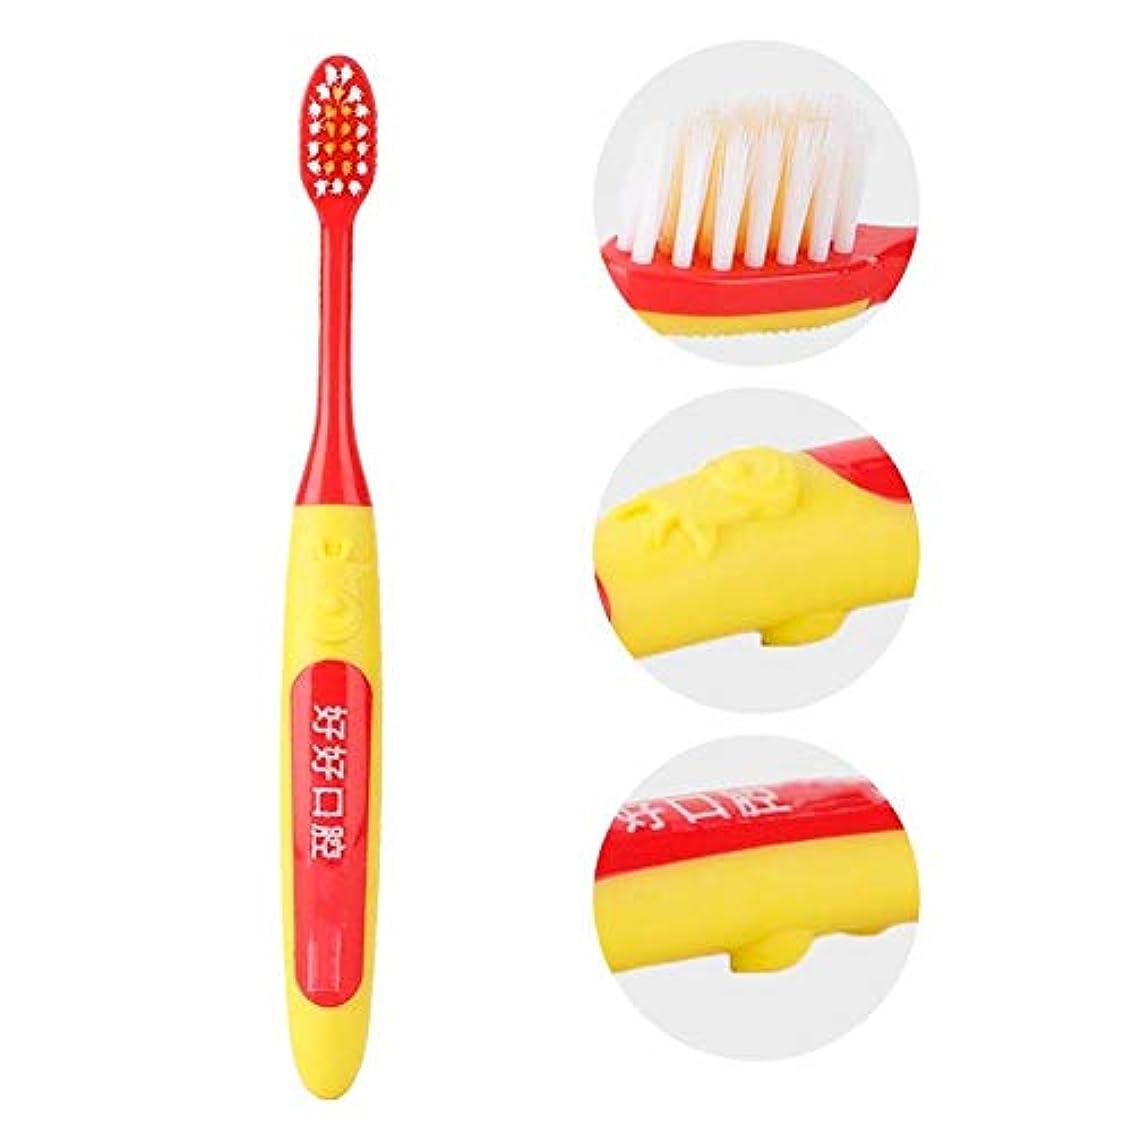 こどもの宮殿明示的にイノセンス歯ブラシ子供の柔らかい髪の歯ブラシかわいい子供のクリーニング歯ブラシオーラルケアツール(黄色いハンドル)